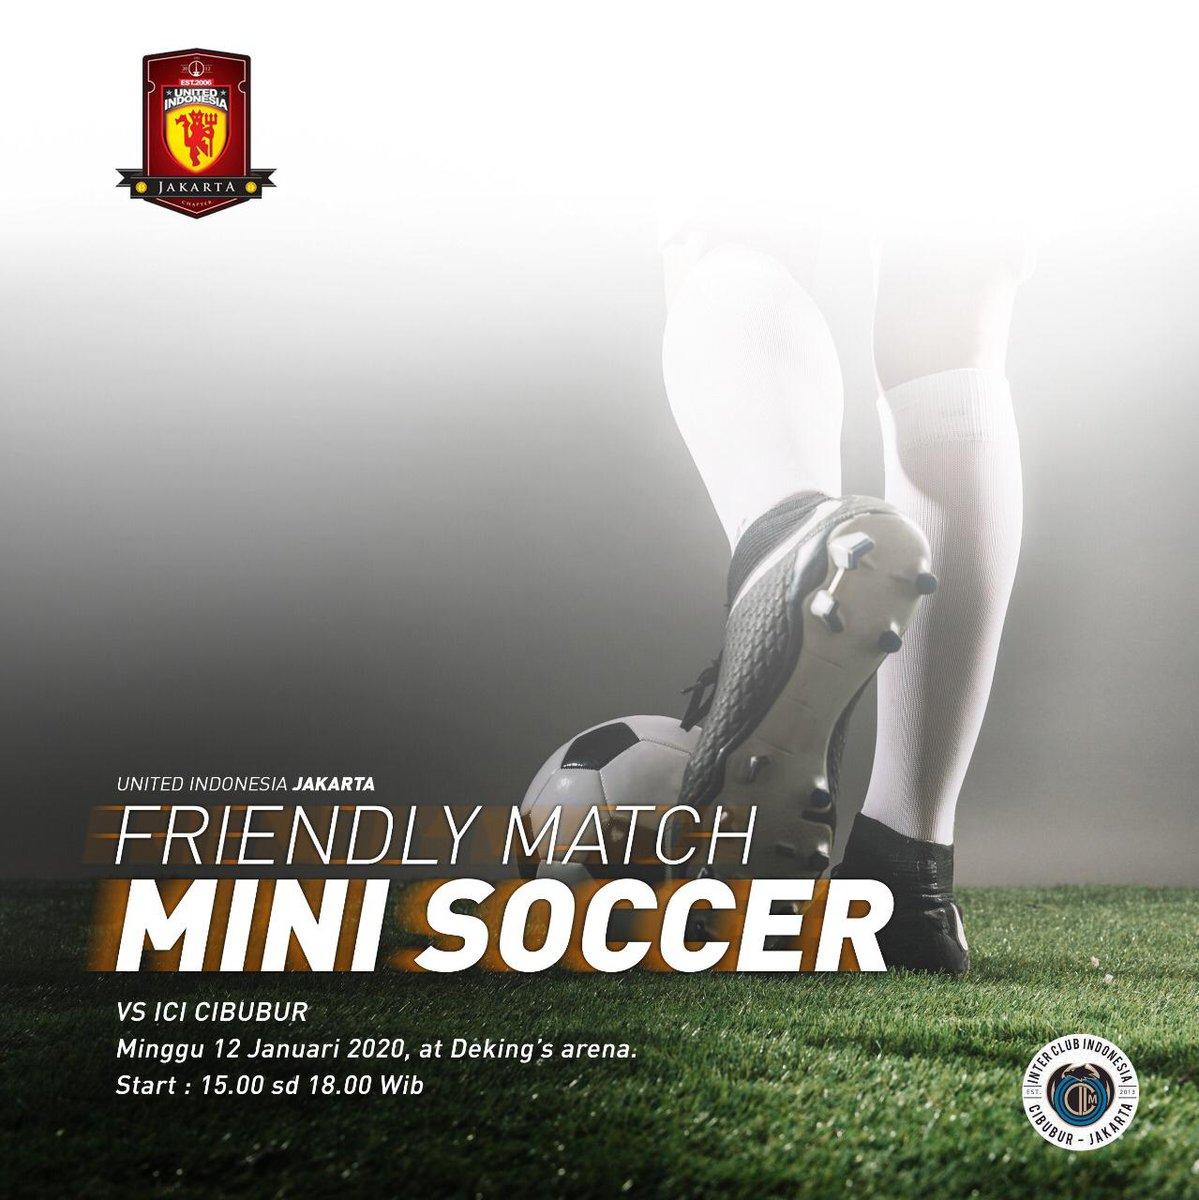 Yuk yg mau ikut merasakan sparing fun mini soccer! Merapat ke Dkingz Arena hari Minggu tanggal 12 Januari nanti, jam 15.00 yah! See you!  #UIJKT https://t.co/6Wbth0U3mf